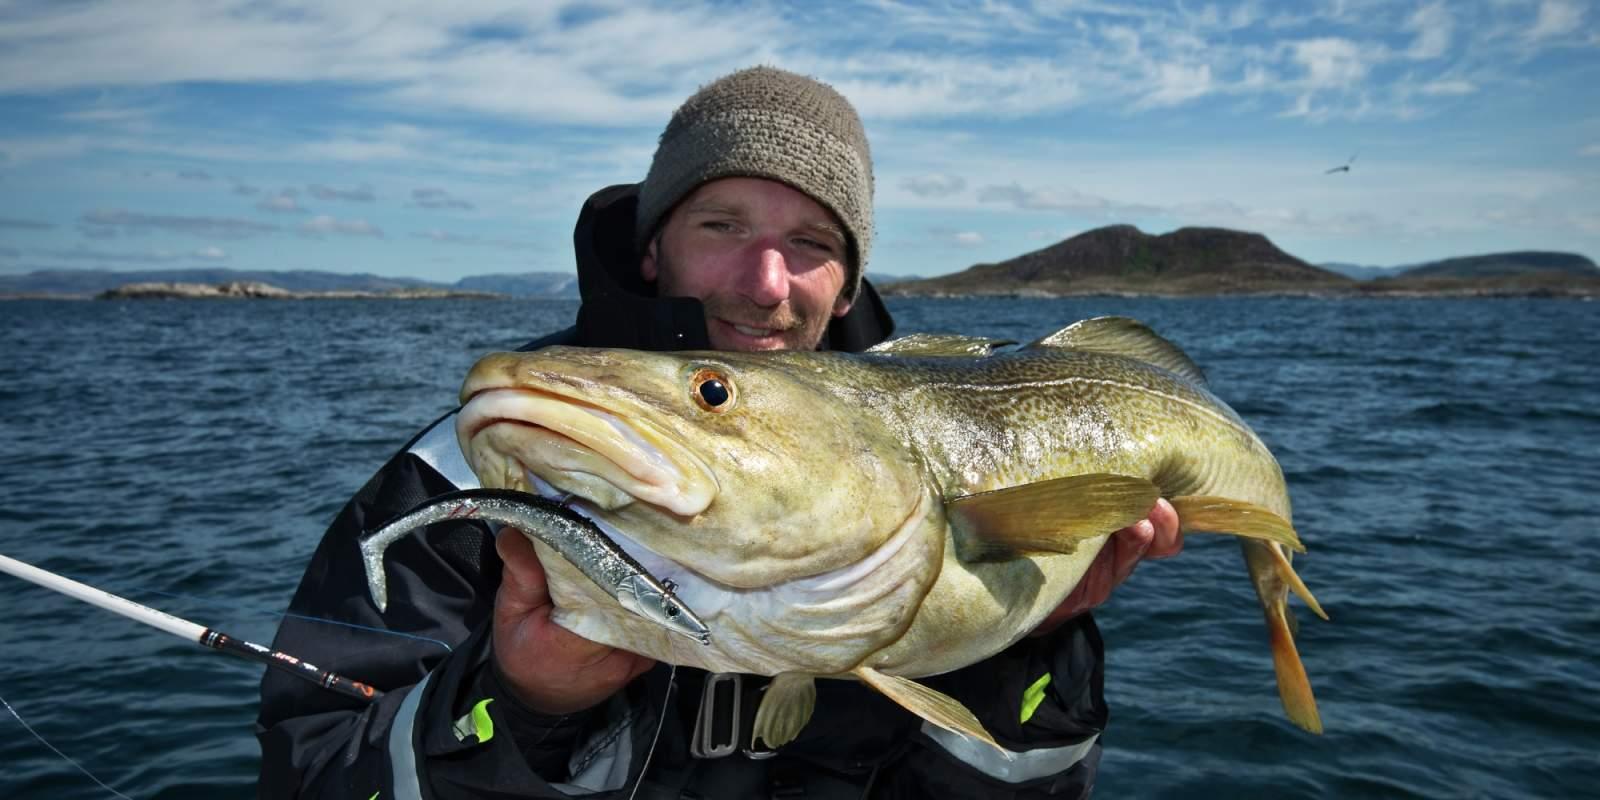 Рыбалка в норвегии: какие снасти необходимы для рыбалки в норвегии